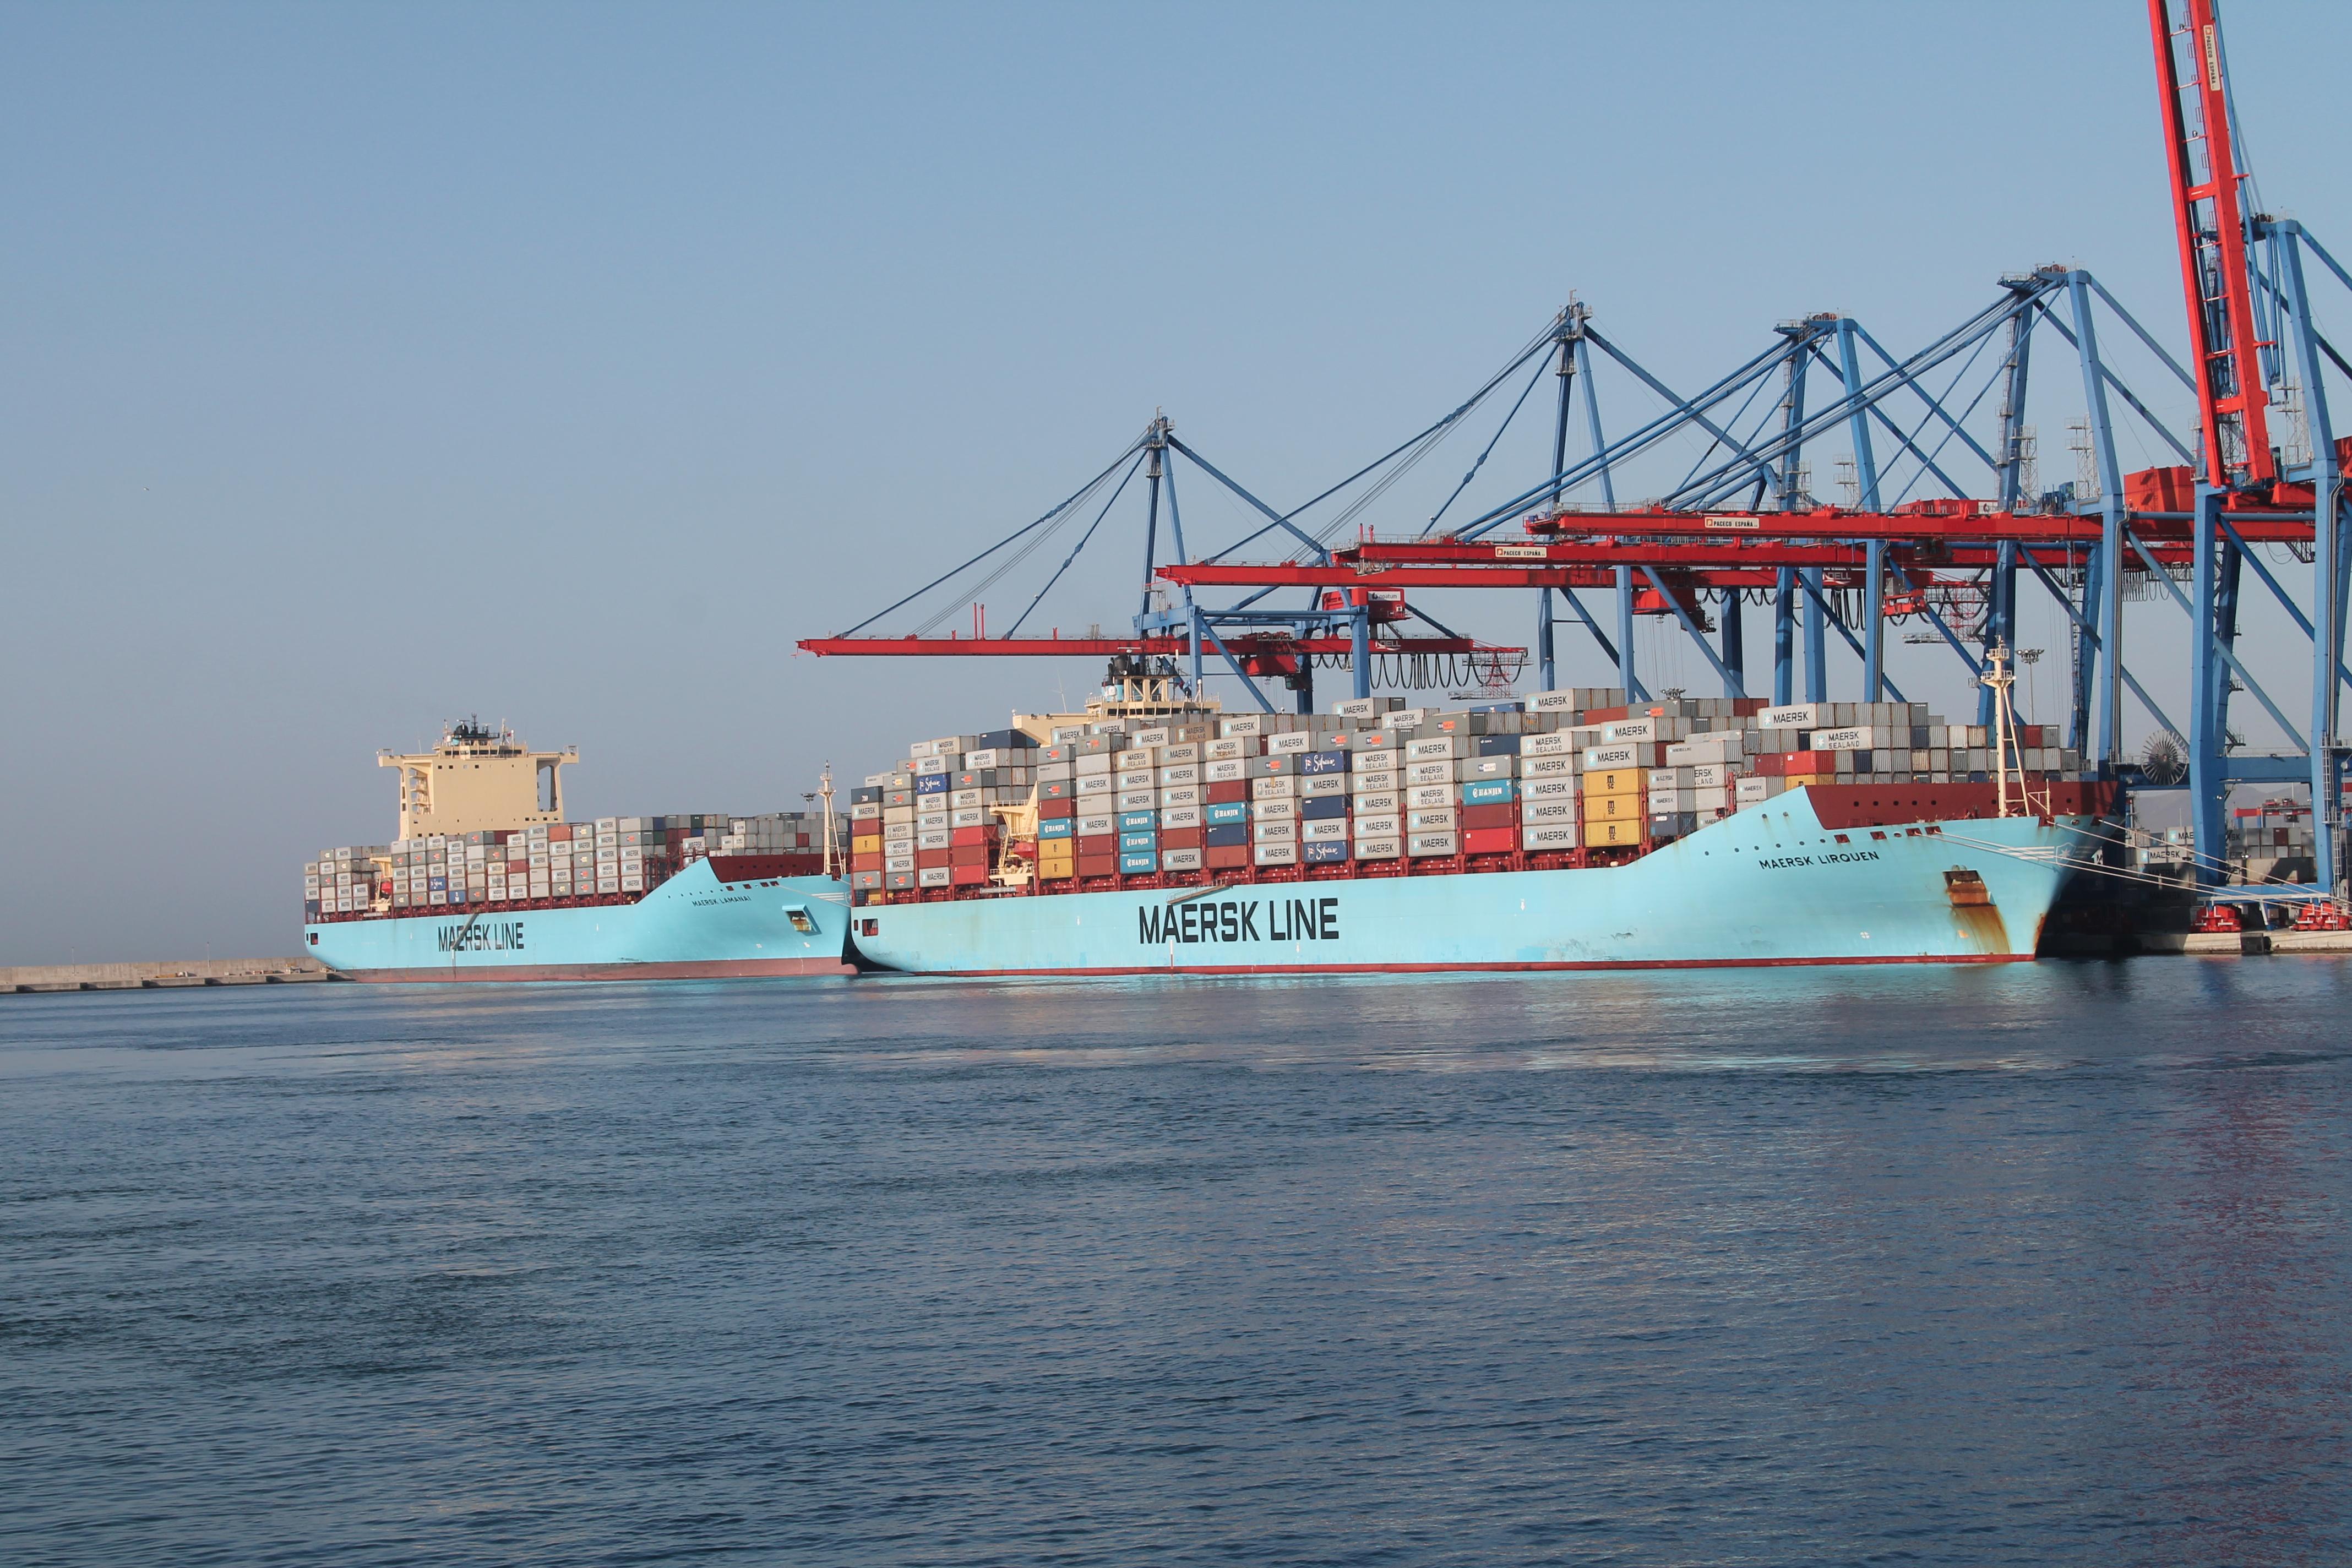 La mar de historias portacontenedores - Contenedores de barco ...